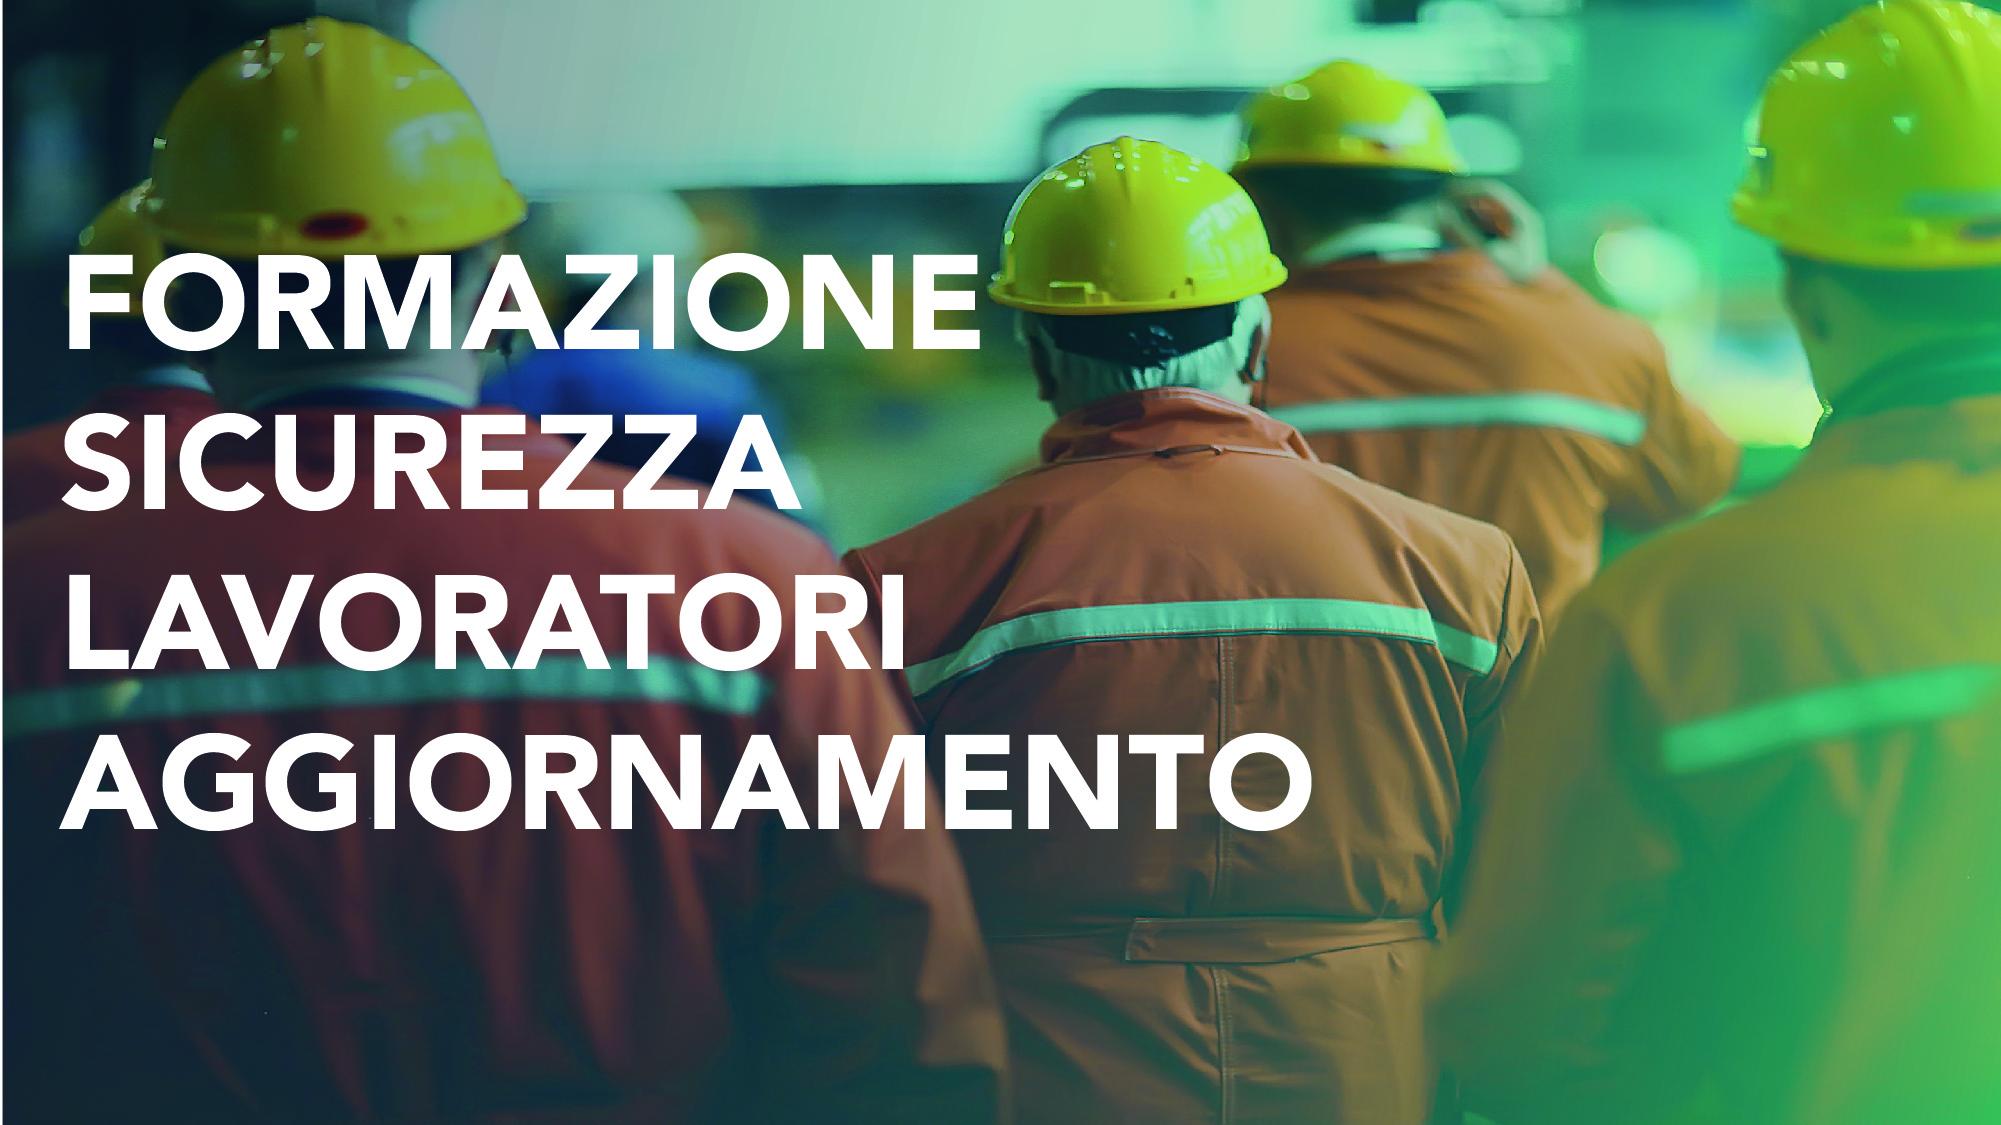 Aggiornamento Formazione Generale dei lavoratori CorsiSicurezza.com